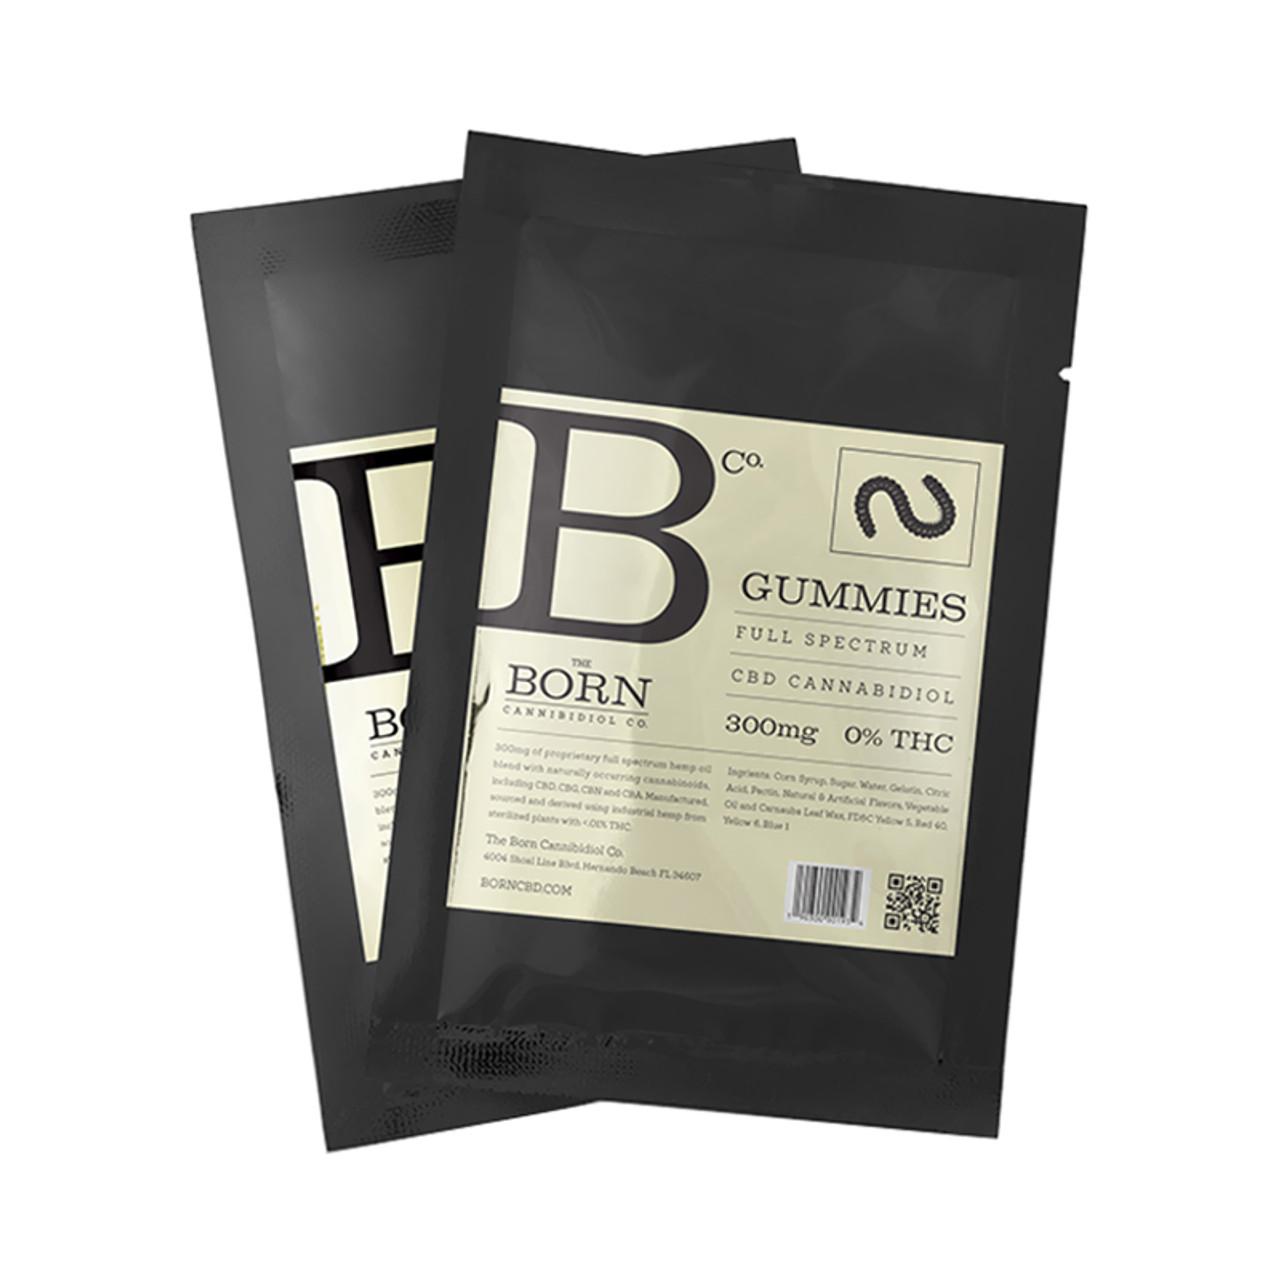 Born Gummies 300mg by The Born Cannabidiol Co